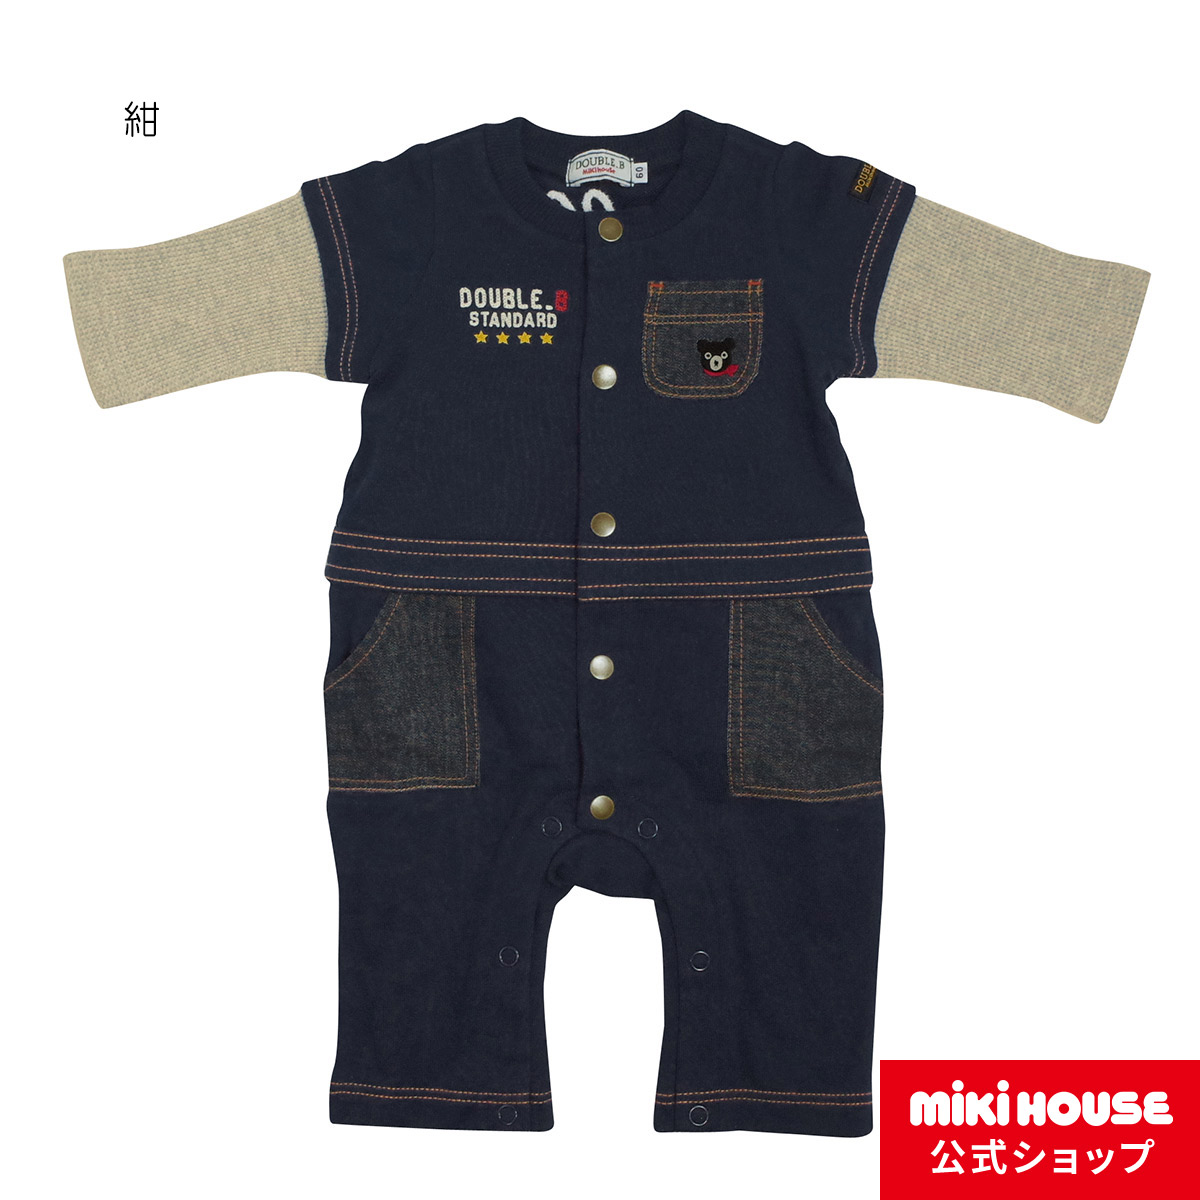 ミキハウス ダブルビー mikihouse デニム風カバーオール(70cm・80cm) ベビー服 子供服 ロンパース 男の子